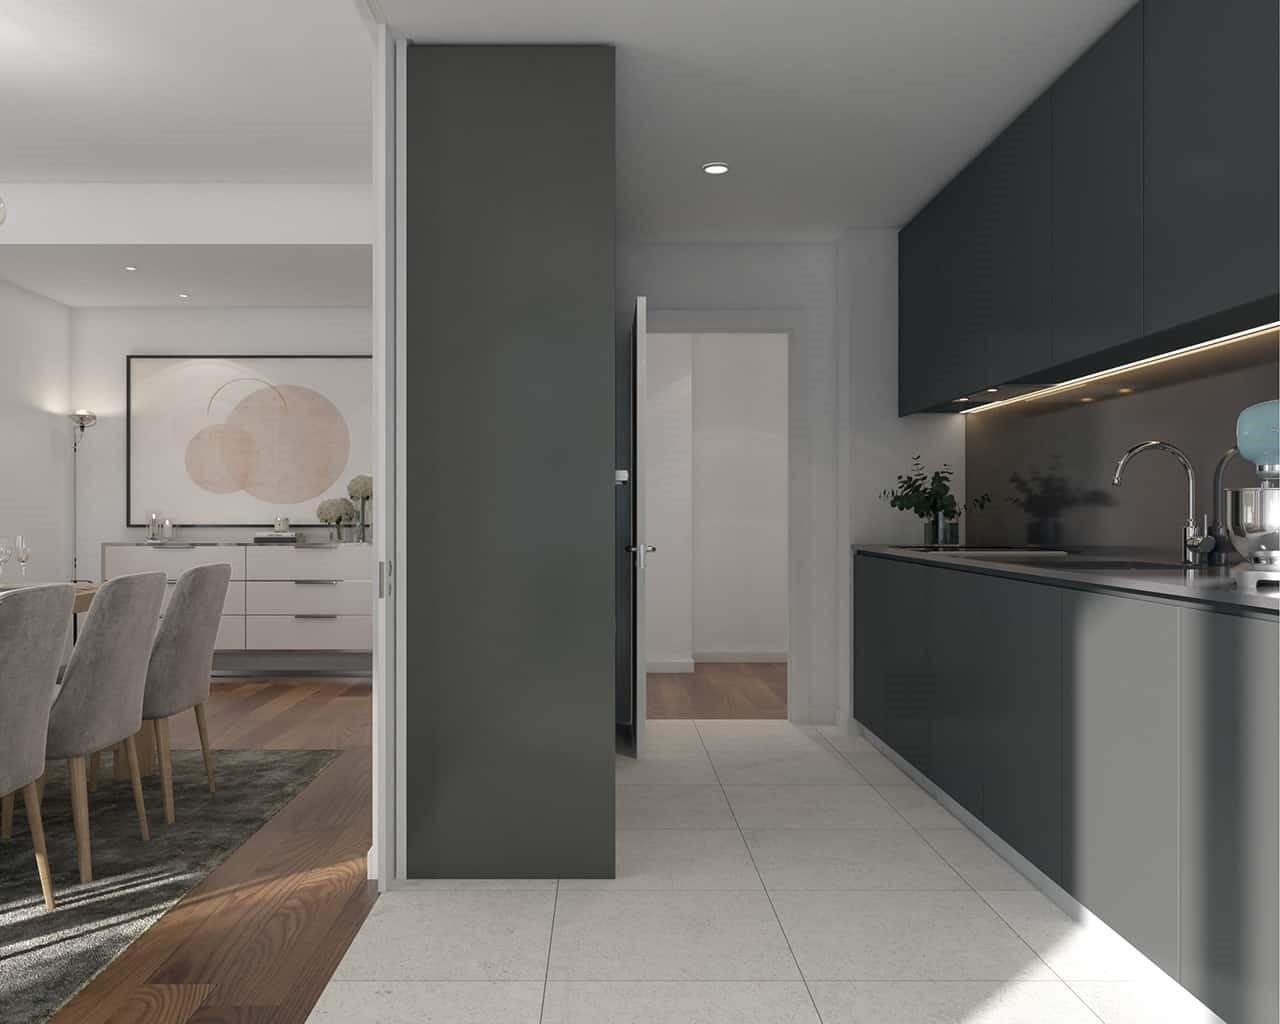 areeiro prime-cozinha-sala-opção urban trend